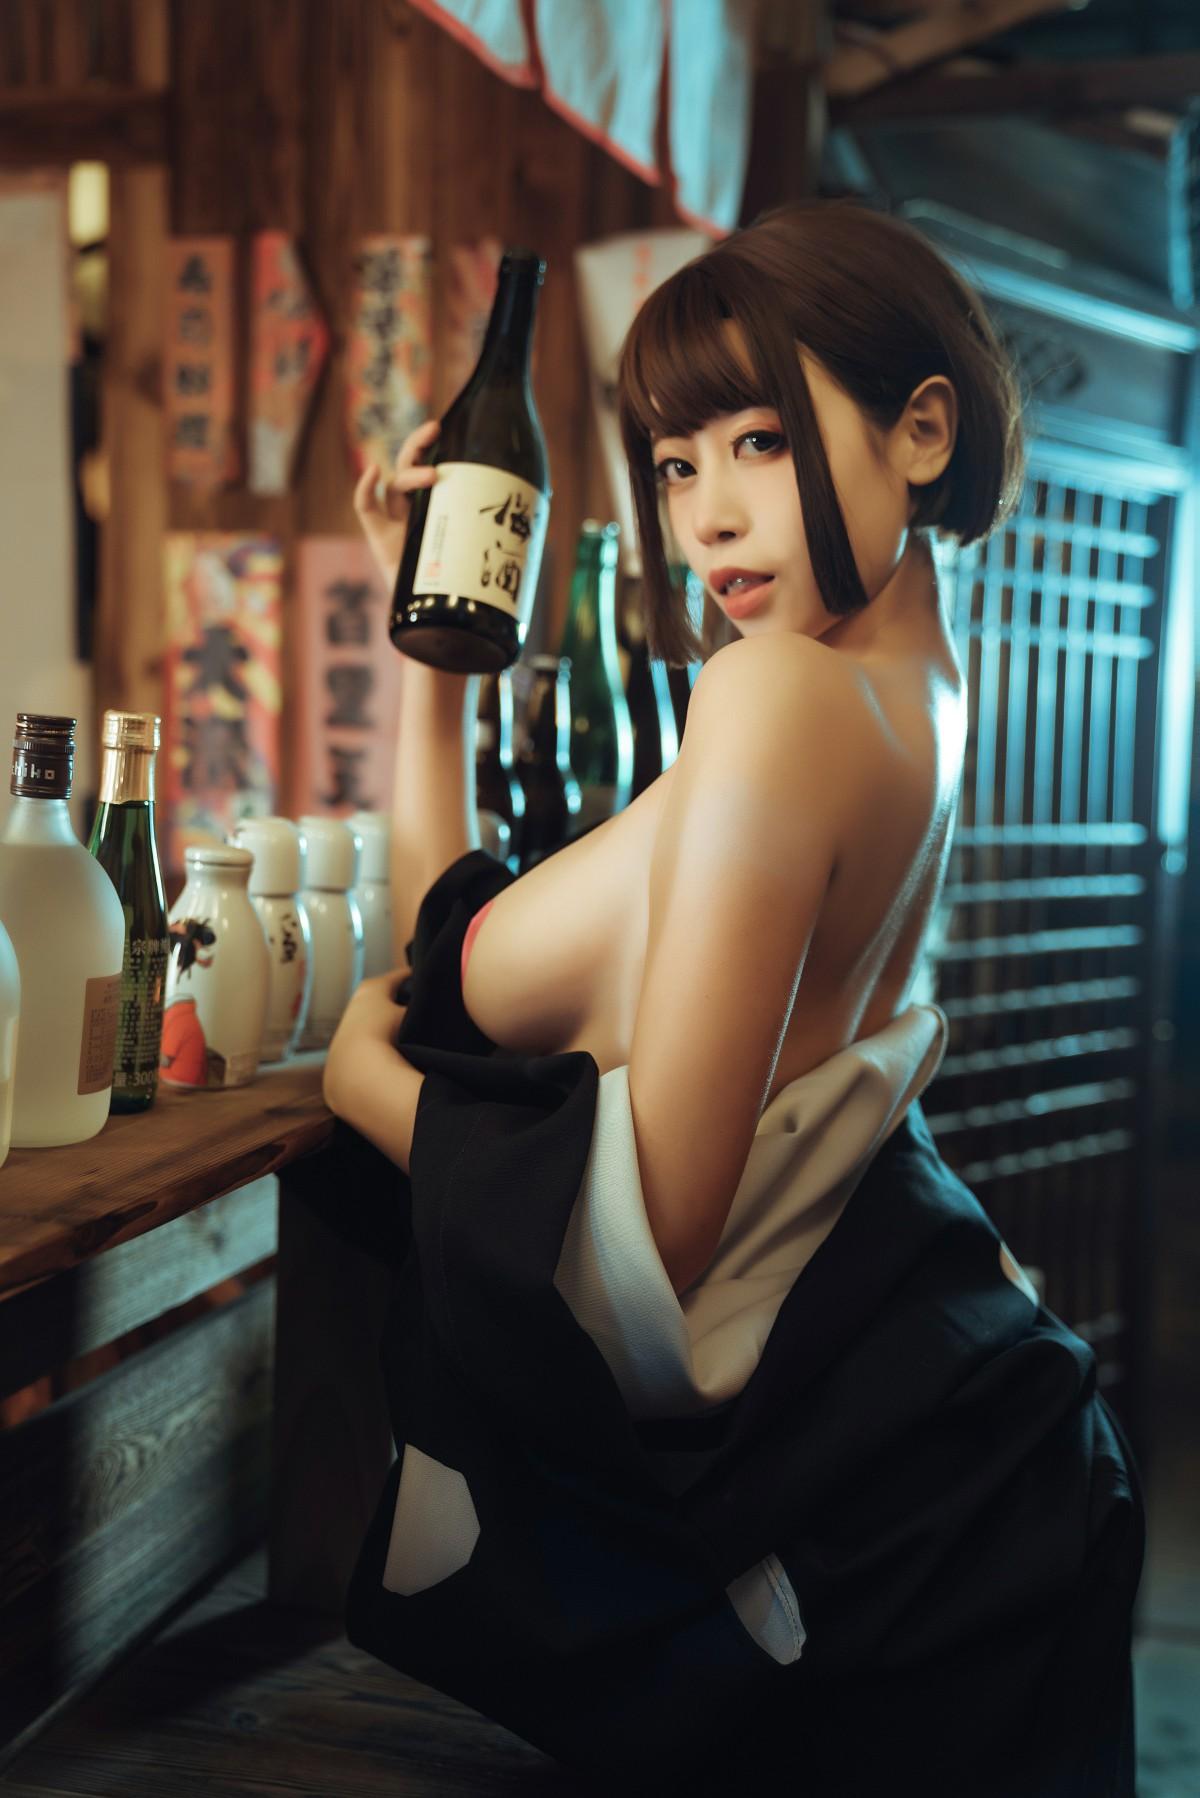 奈汐酱nice 热情老板娘[16P] 其他套图 第3张